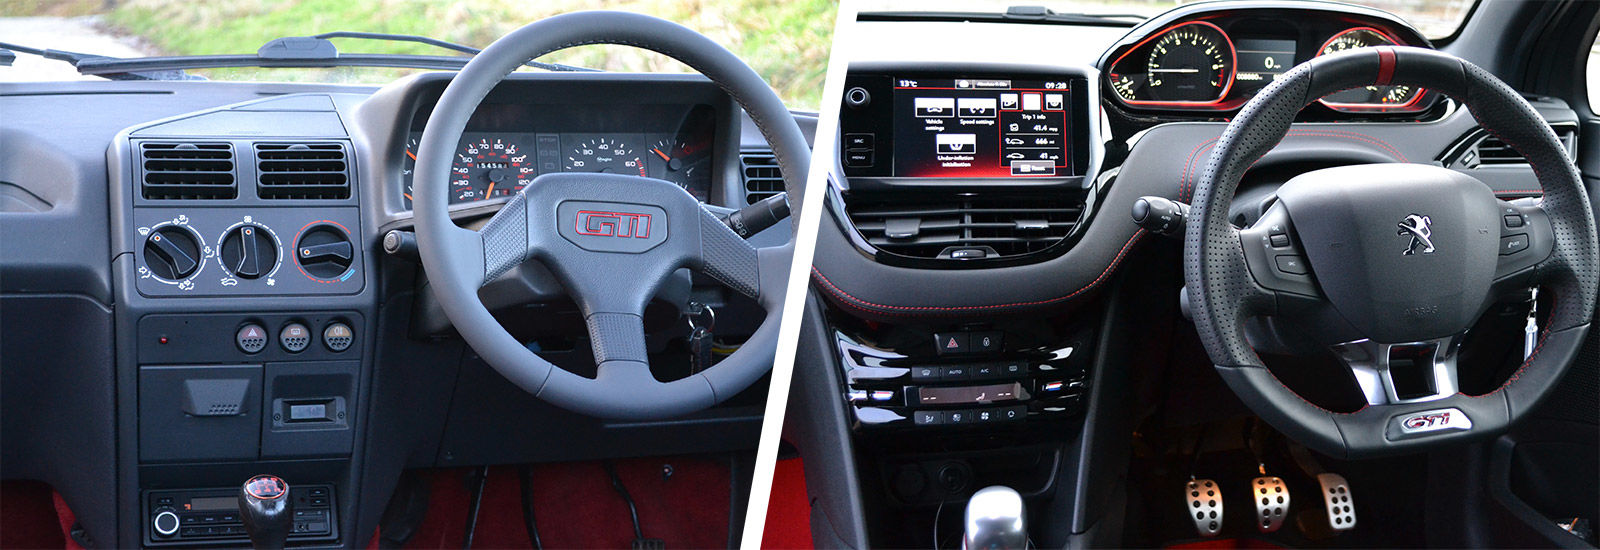 Peugeot 205 Gti 1 9 Vs 208 Gti Old Vs New Carwow